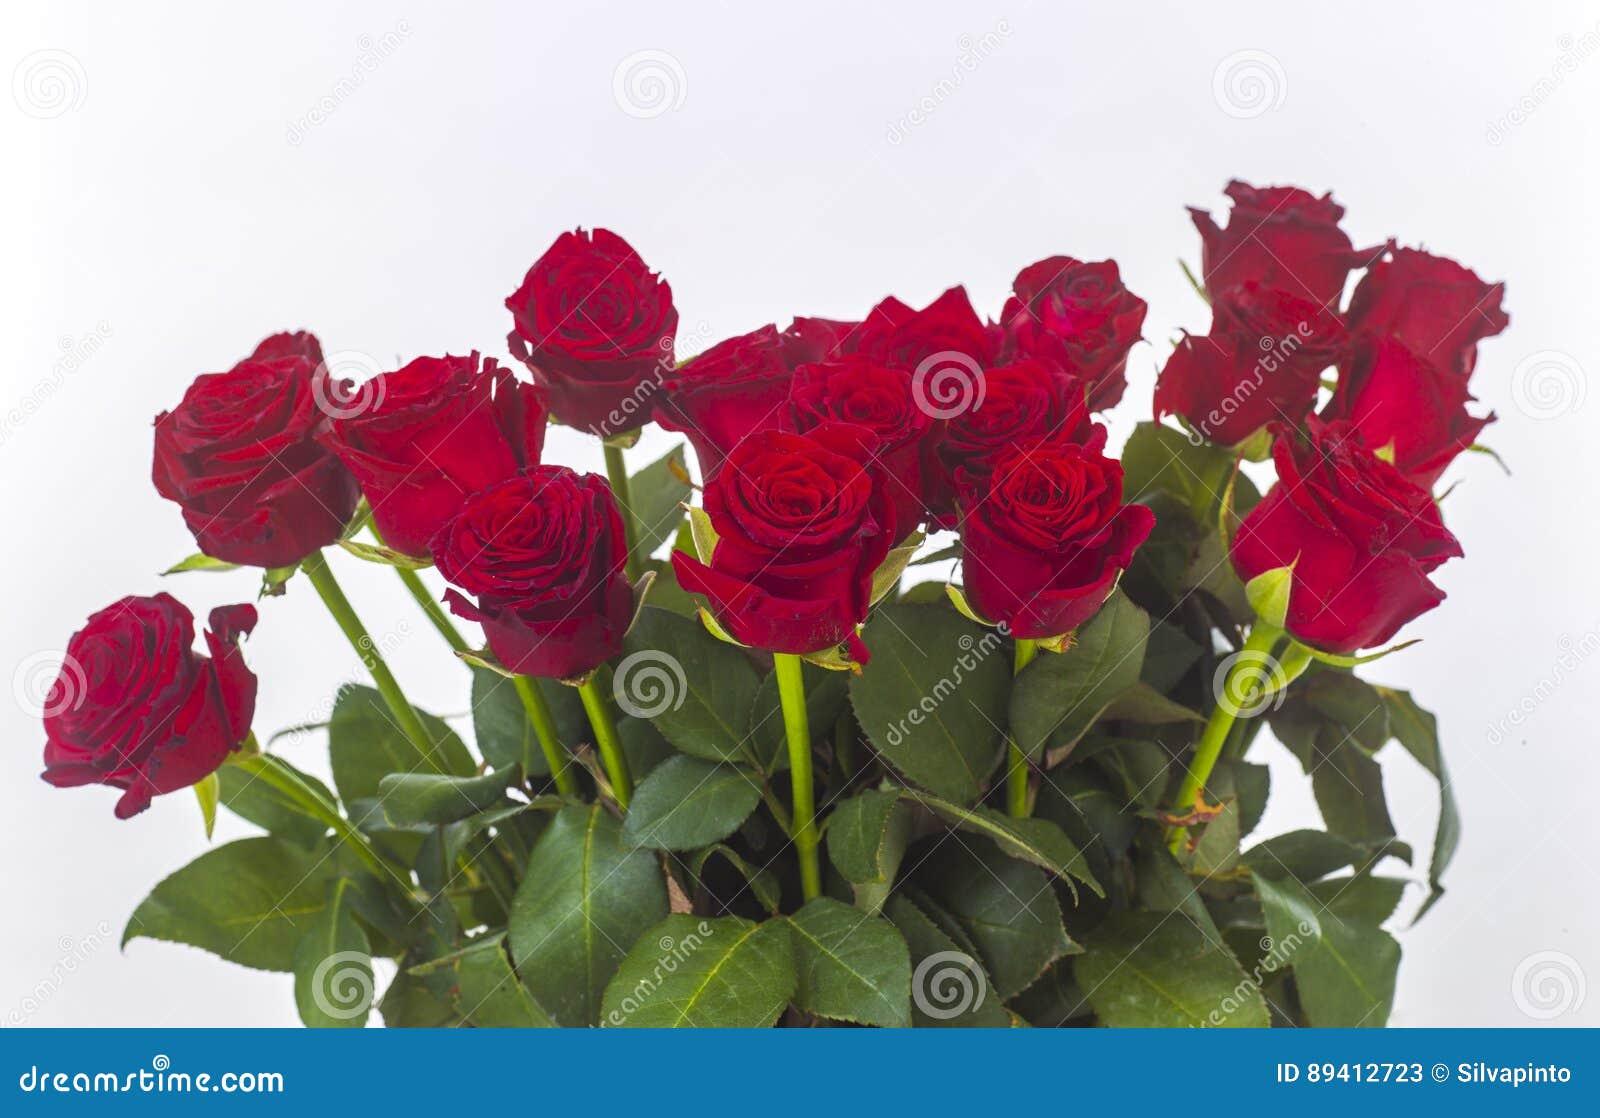 Rosas vermelhas isoladas